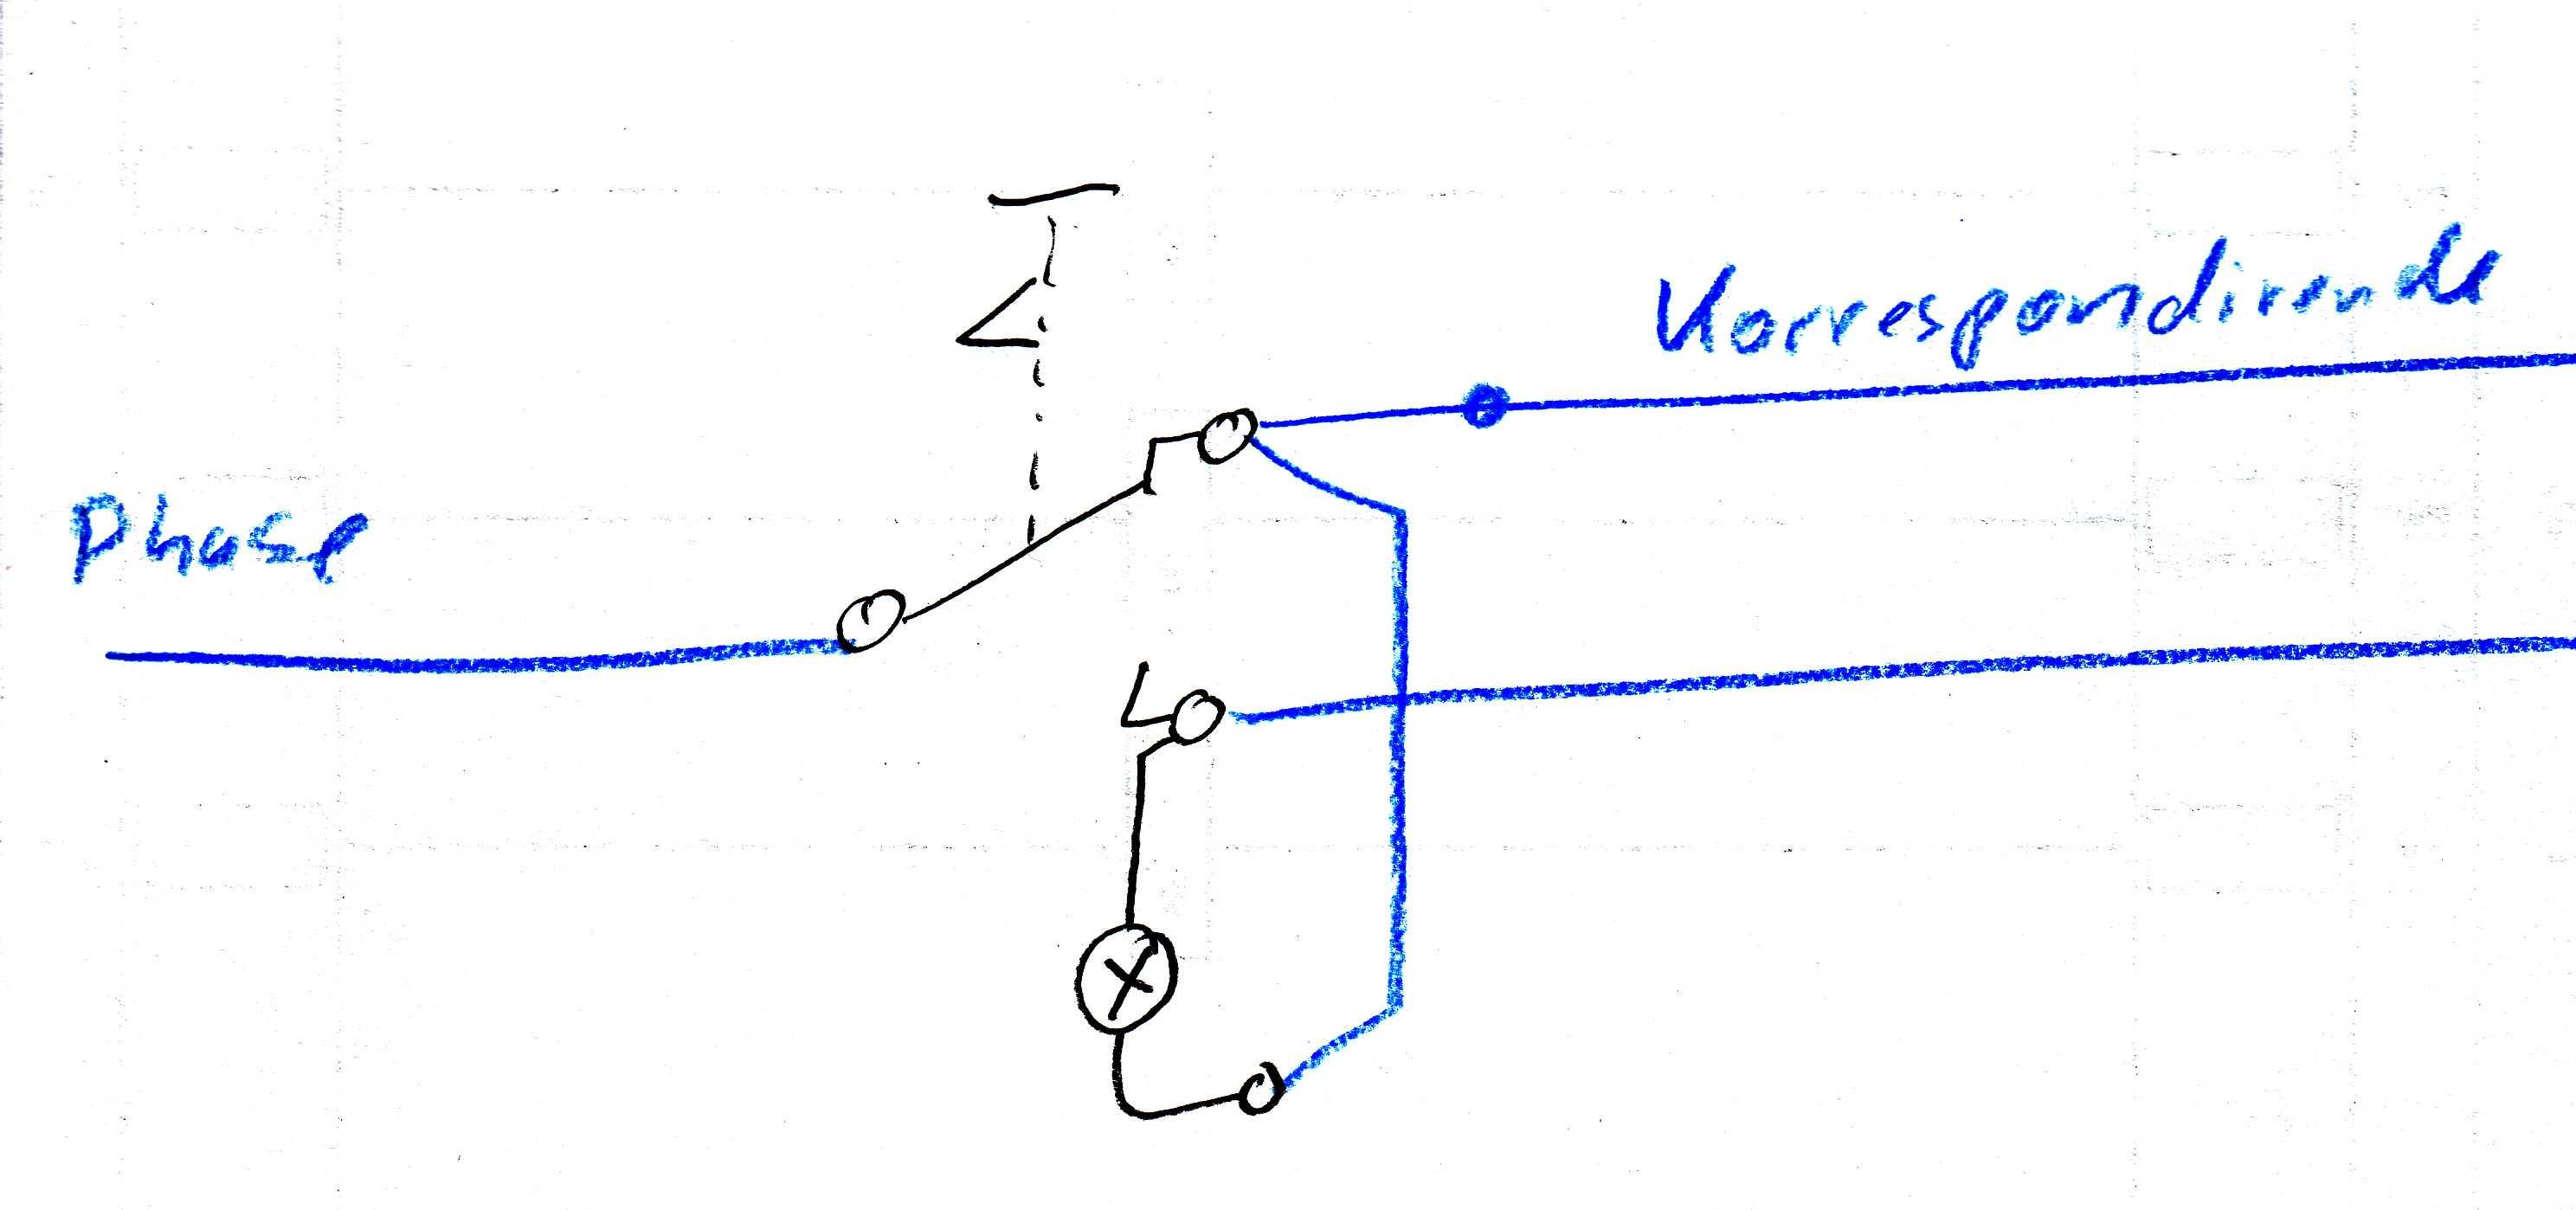 Kreuzschaltung mit Lämpchen - Mikrocontroller.net